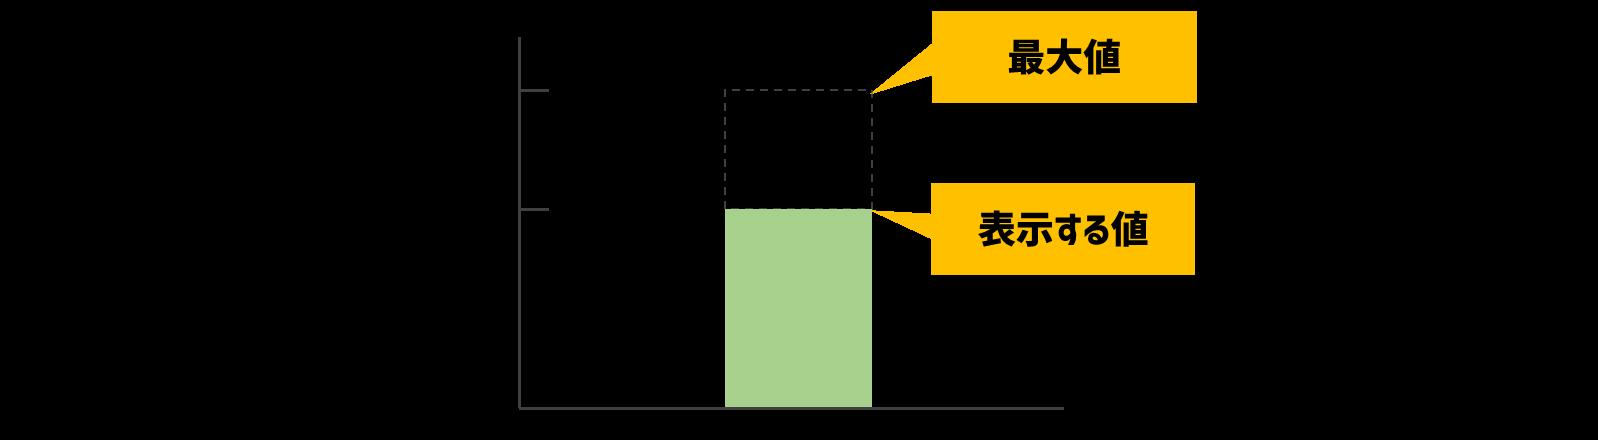 棒グラフの最大値と表示する値